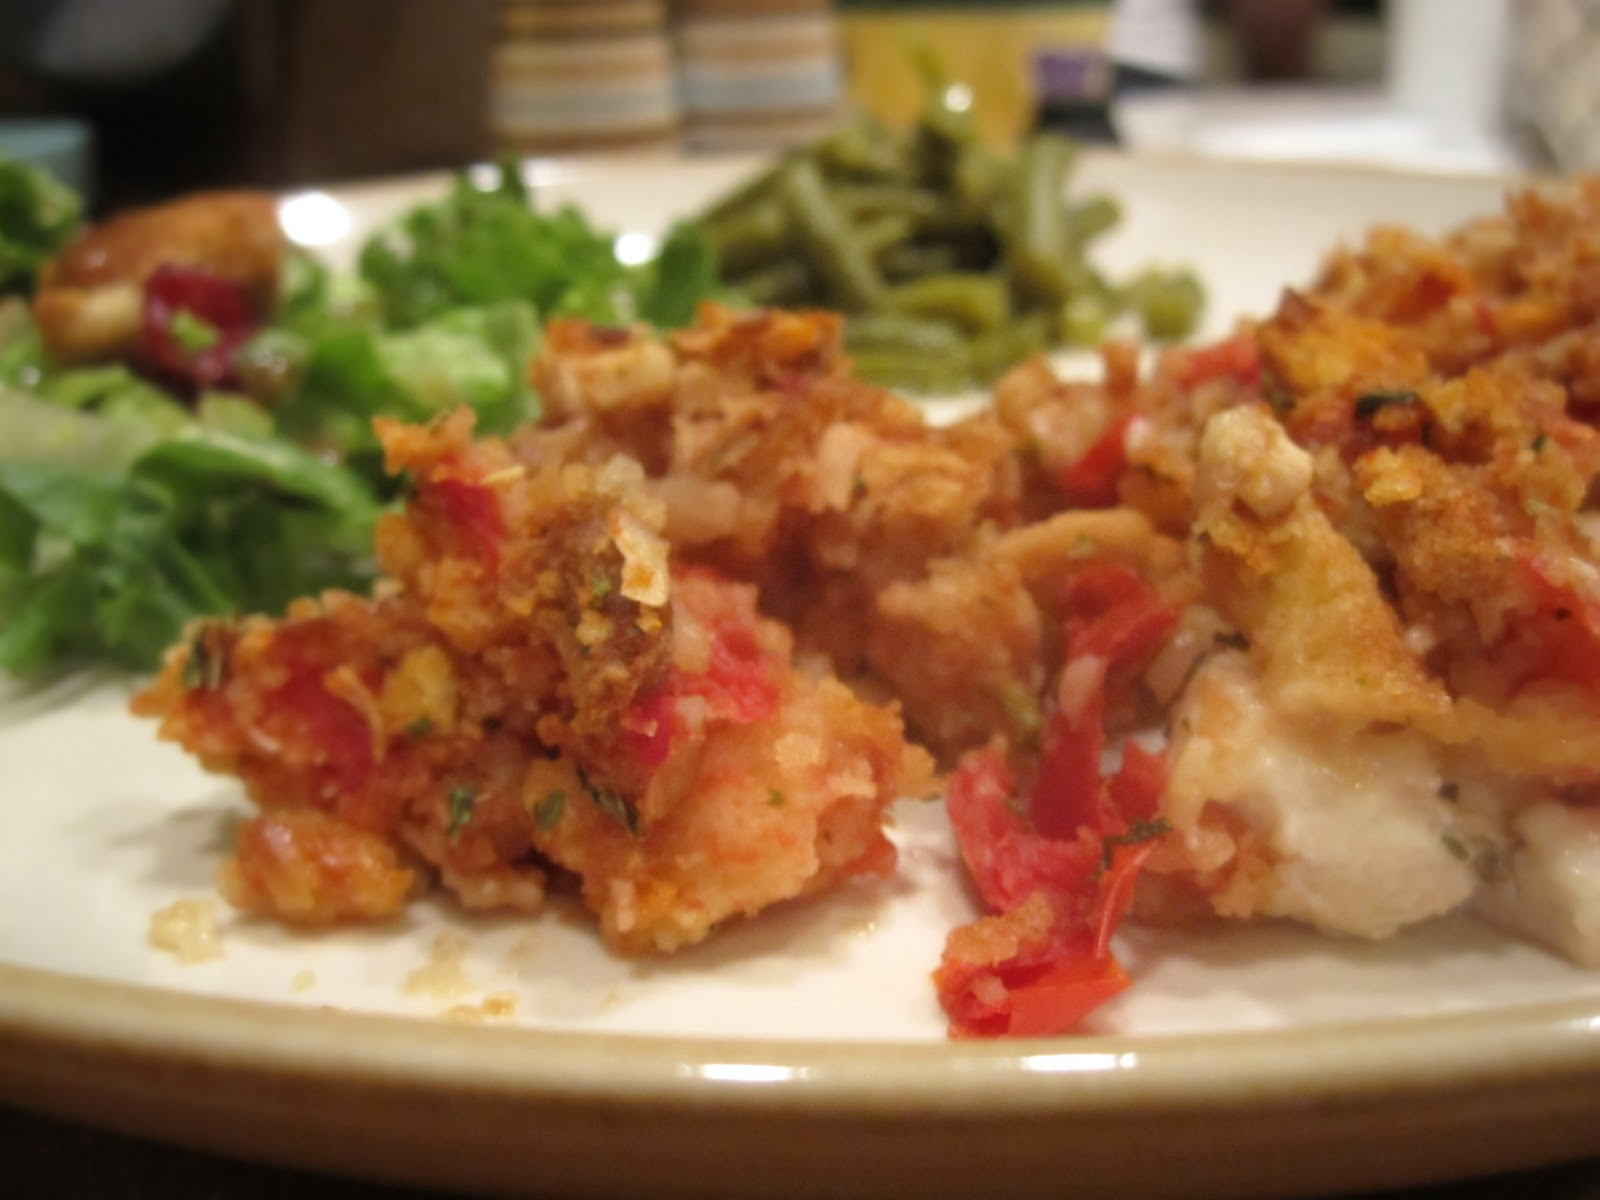 Bruschetta Chicken Bake - Catz in the Kitchen